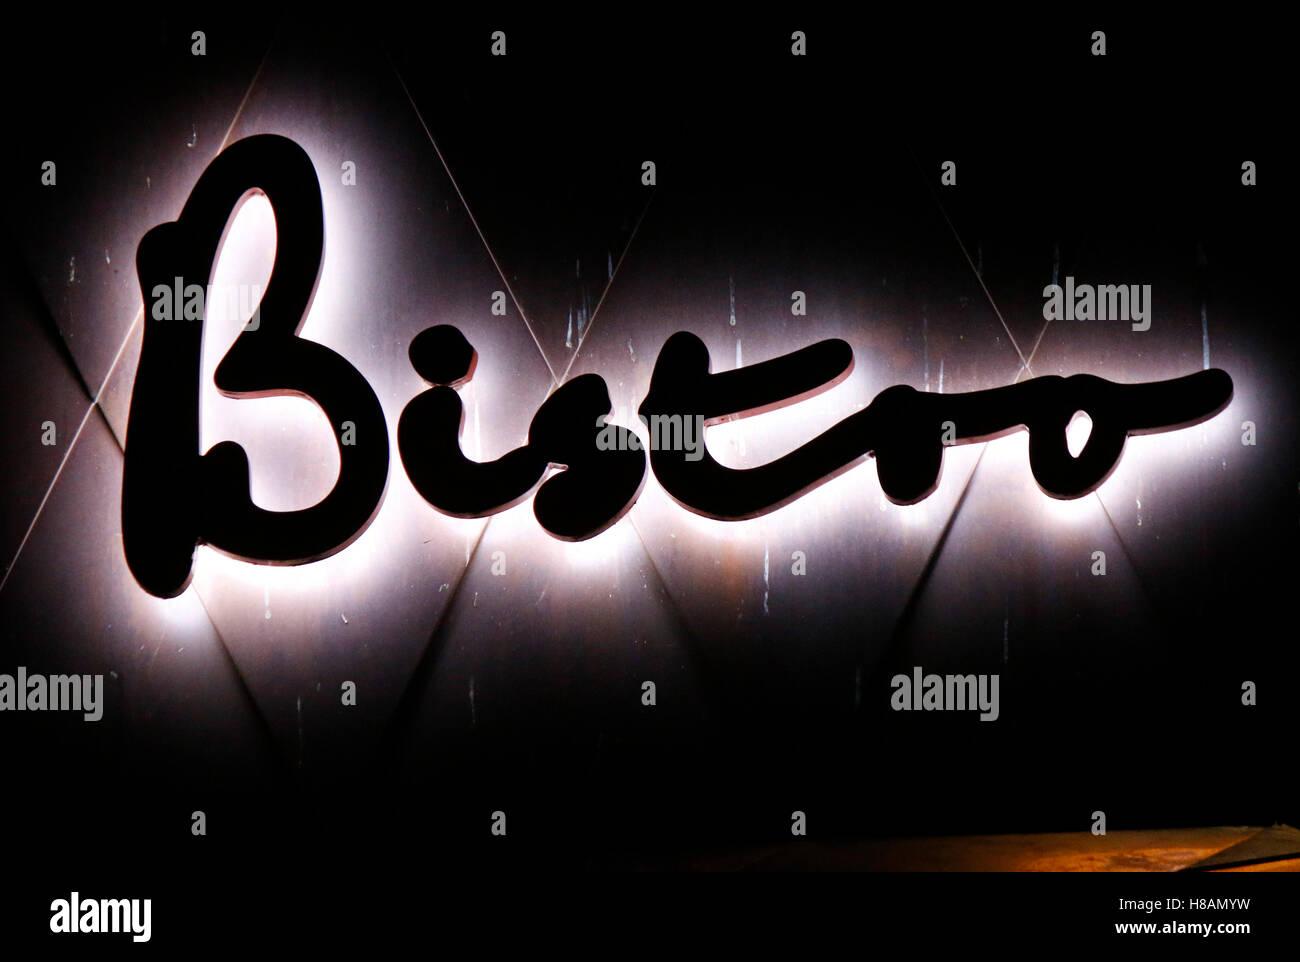 das Logo der Marke 'Bistro', Berlin. - Stock Image